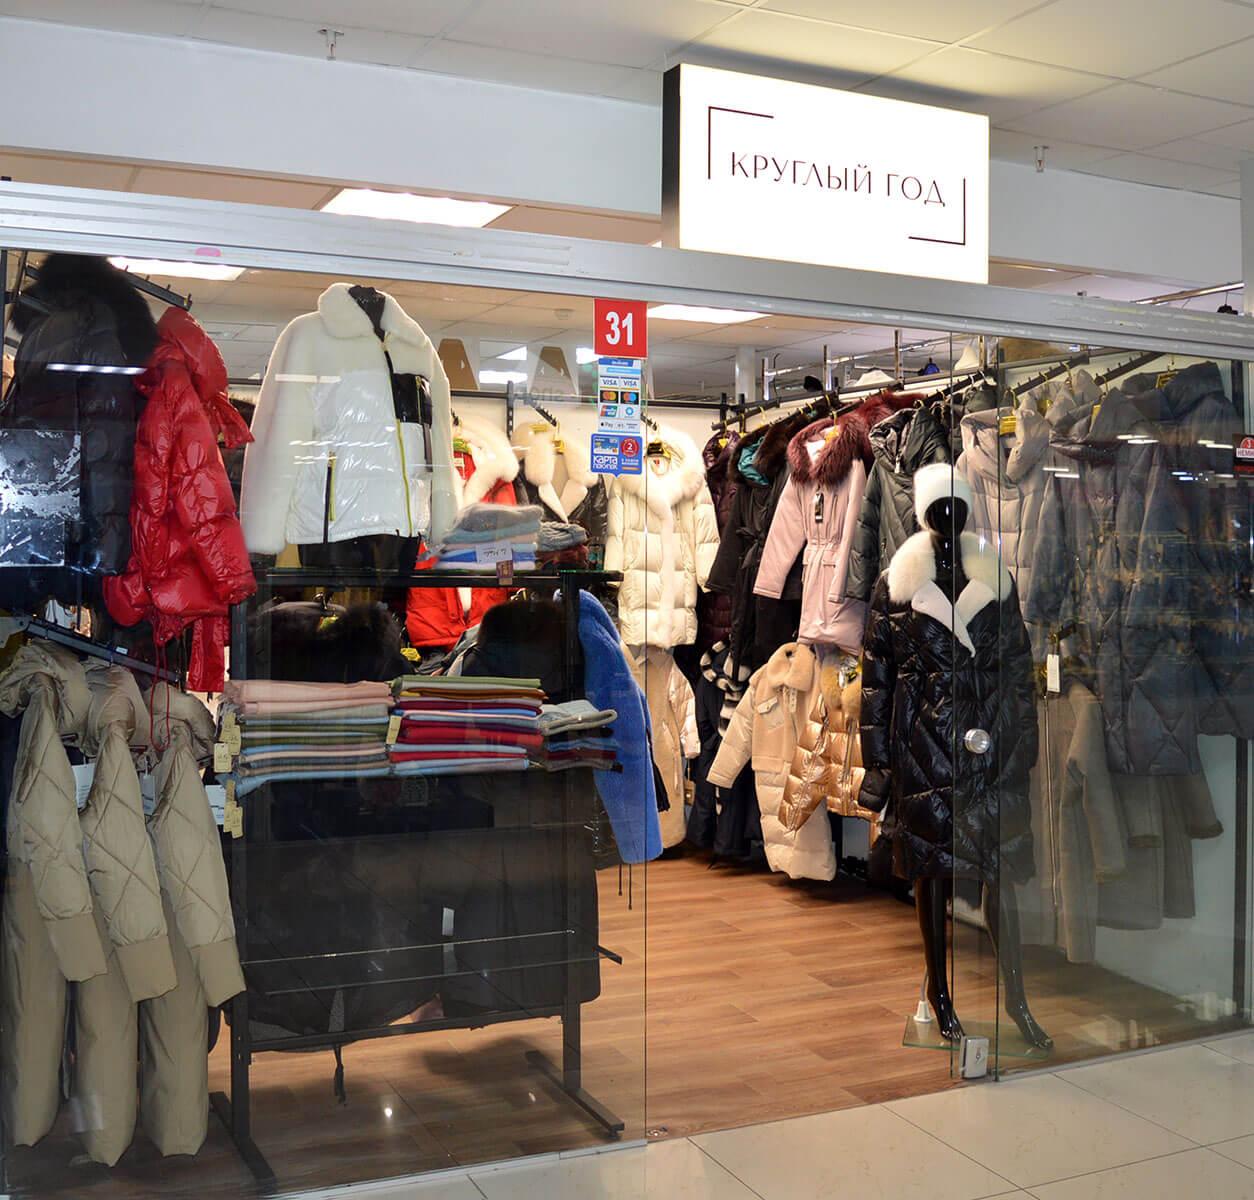 «КРУГЛЫЙ ГОД» - бутик женской одежды  в Торговом Центре «Немига 3»